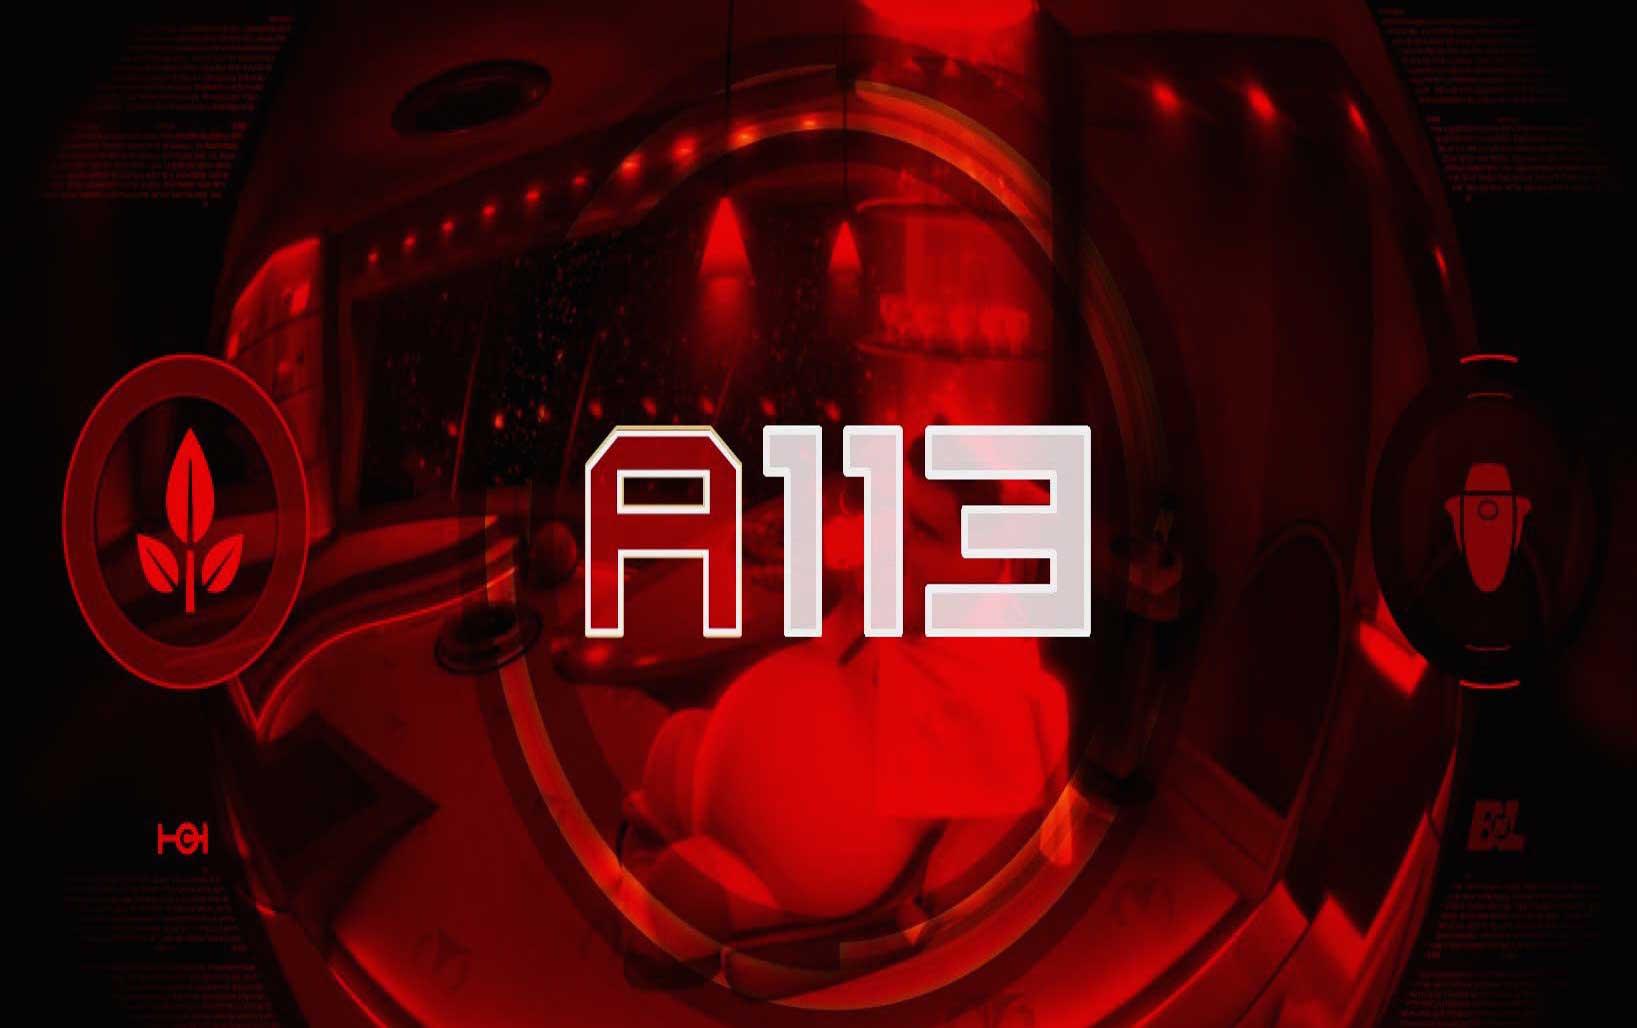 WALL-E A113